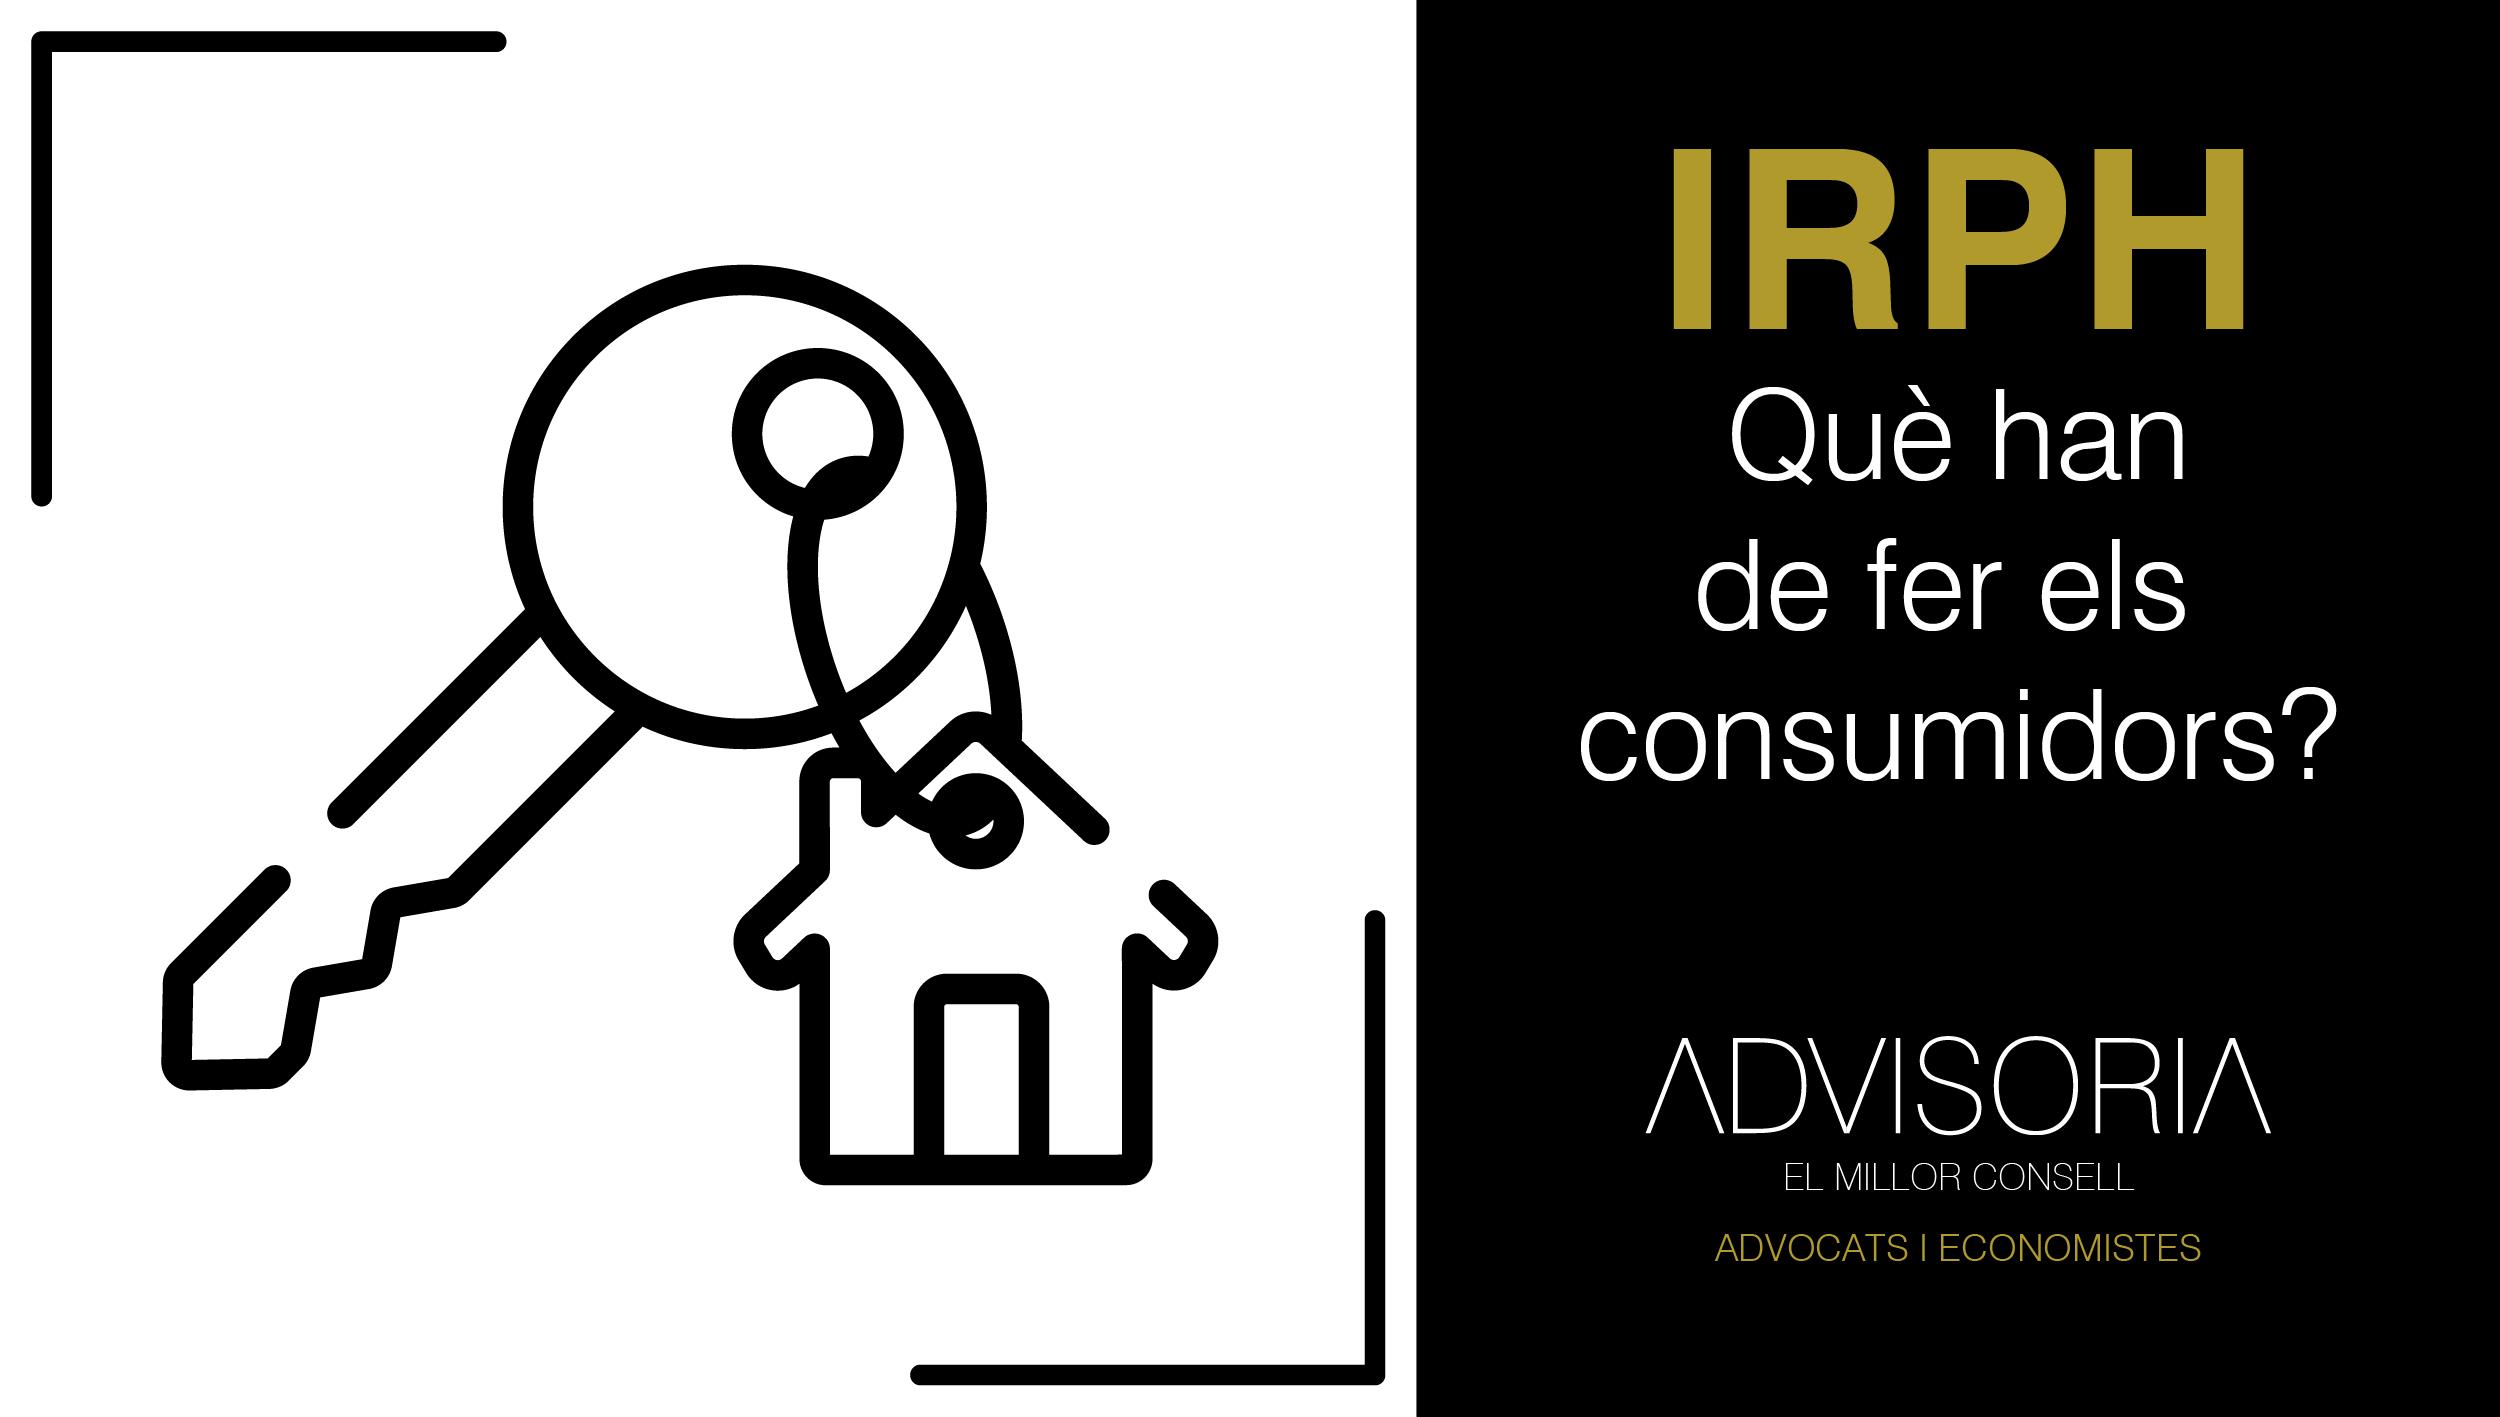 IRPH: Què han de fer els consumidors?